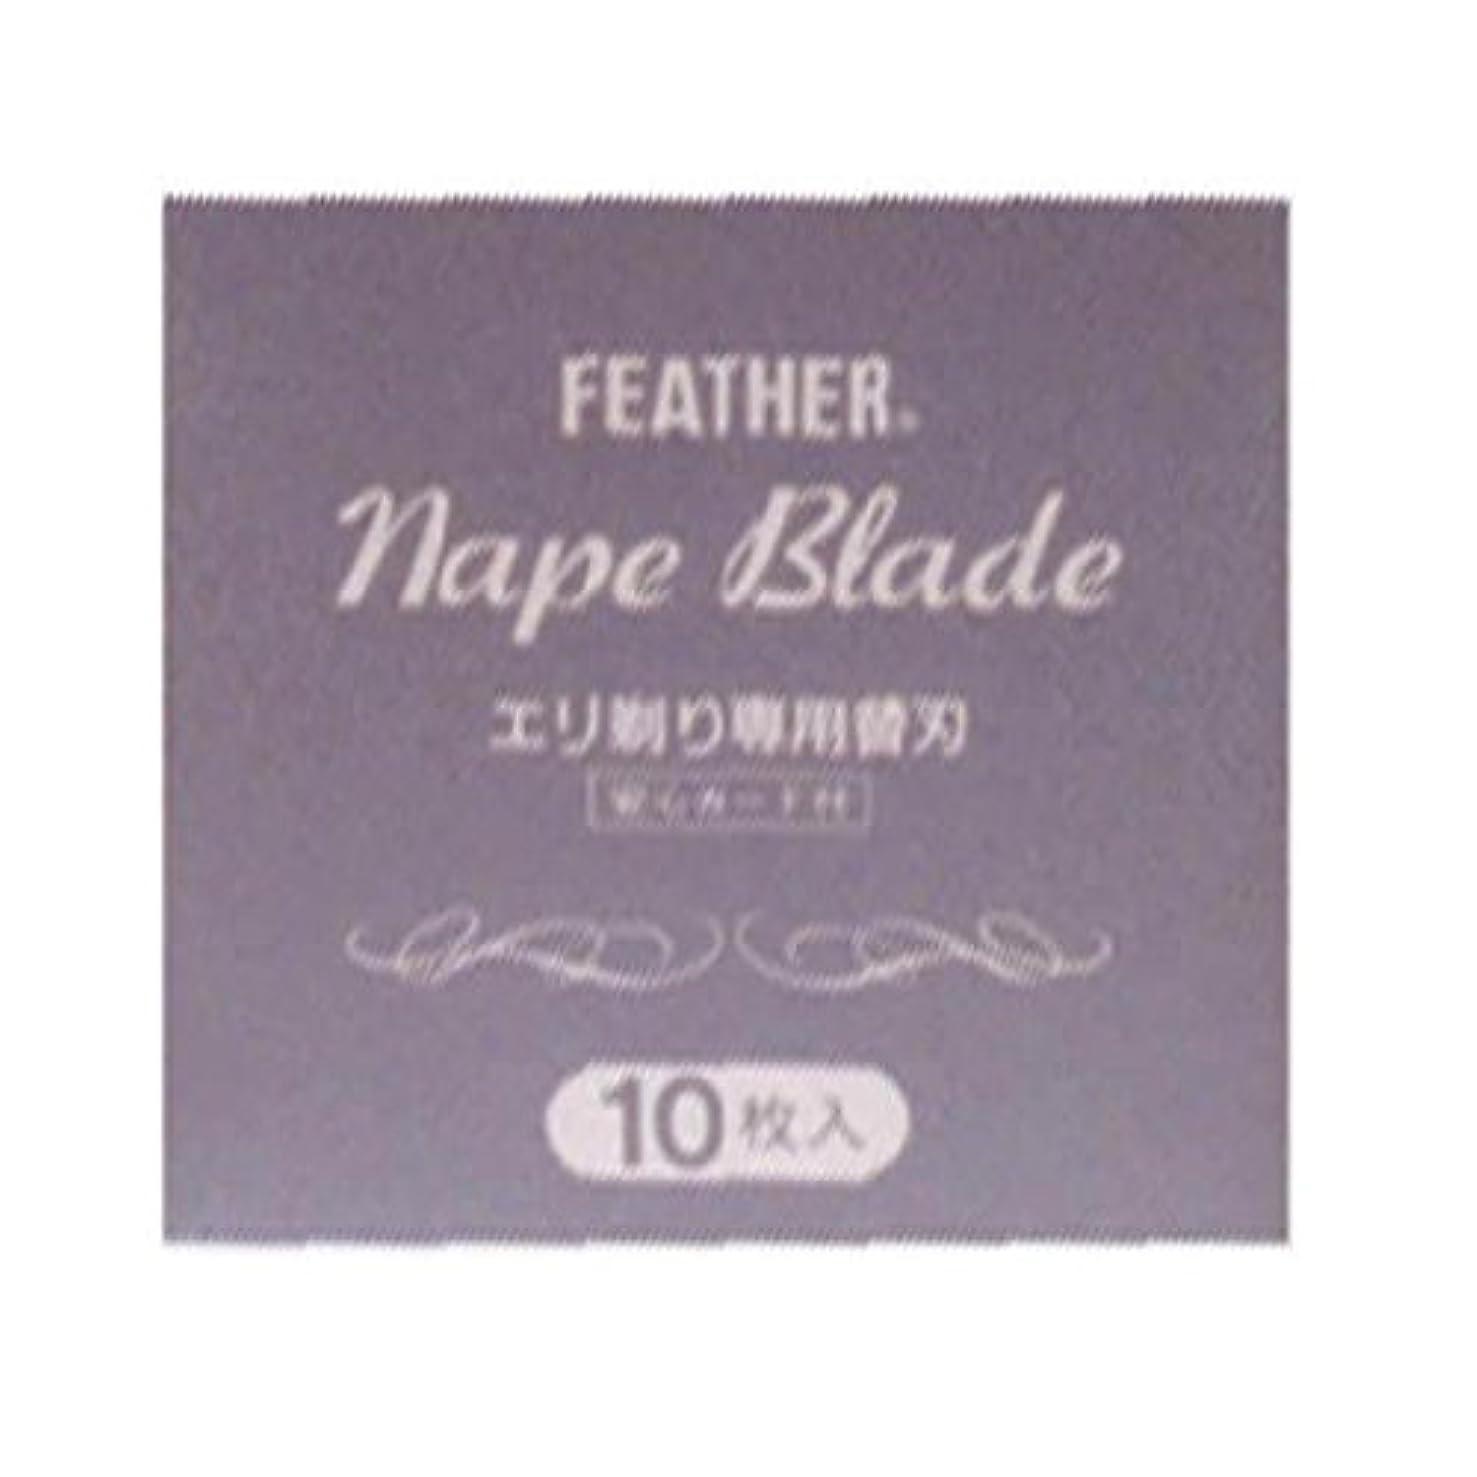 記念碑的な騒乱賞賛フェザー ネープブレイドエリ剃り専用替刃 10枚入